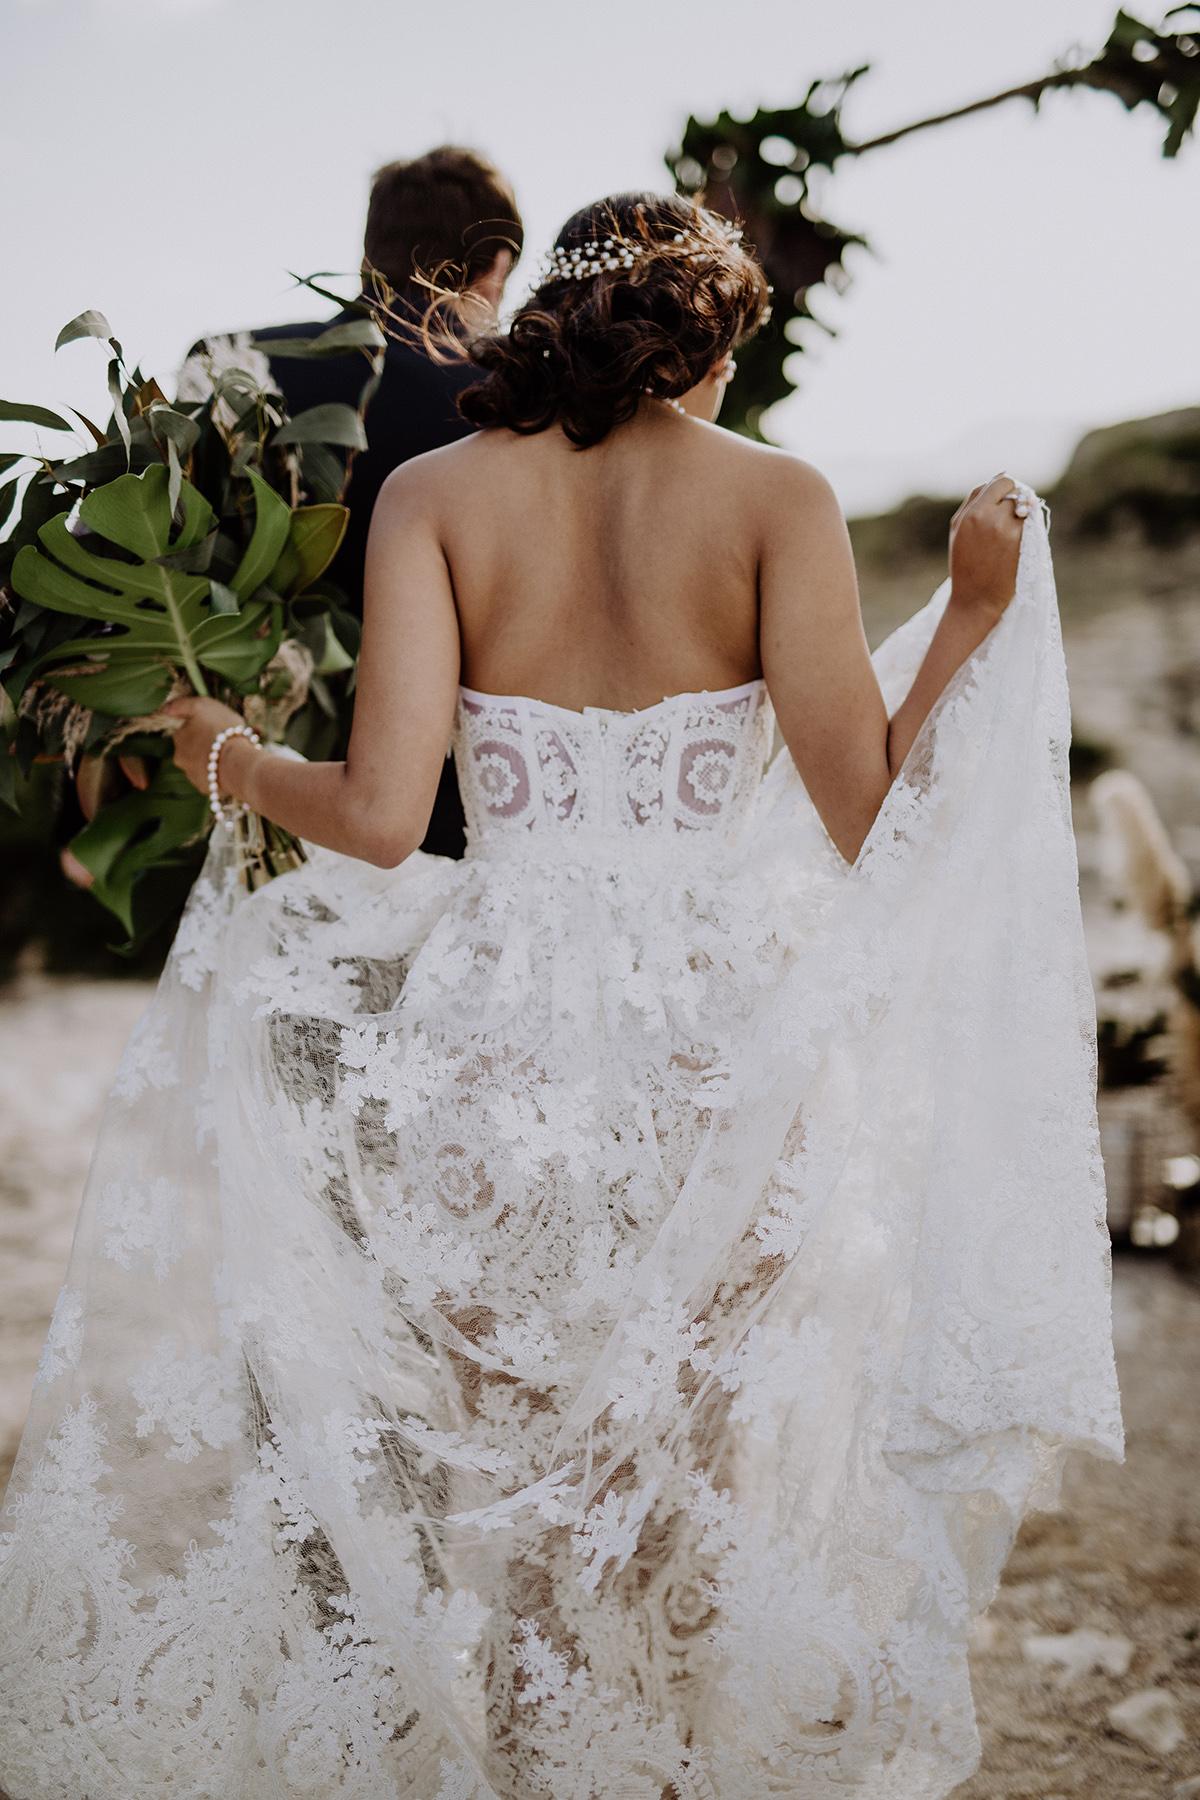 Hochzeitsfoto bei Destination Wedding - Mallorca Hochzeitsfotograf © www.hochzeitslicht.de